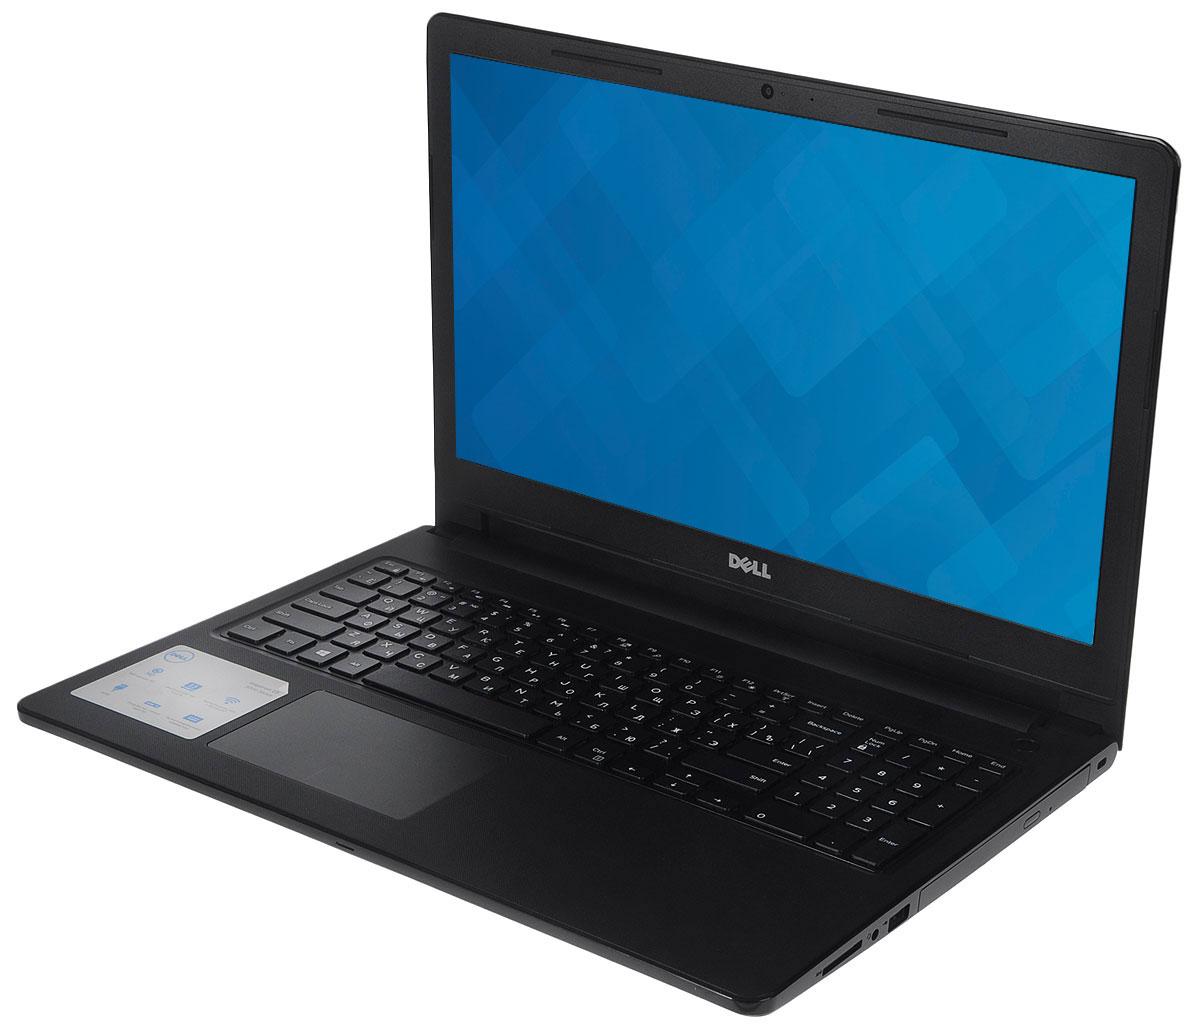 Dell Inspiron 3-1979, Black501587Ноутбук Dell Inspiron 3 невероятно портативен, поэтому вы можете эффективно работать и оставаться на связив любой точке мира. Его корпус отличается тонкой (всего 23,6 мм) и легкой конструкцией, а также удобнооткрывается. Благодаря процессору AMD A6-9220 и встроенной графической карте R4 вы получаете высокуюпроизводительность без задержки, что гарантирует плавное воспроизведение музыки и видео при фоновомвыполнении других программ.Сделайте Dell Inspiron 3 своим узлом связи. Поддерживать связь с друзьями и родственниками никогда не былотак просто благодаря надежному WiFi-соединению и Bluetooth 4.0, встроенной HD веб-камере высокой четкости и15,6-дюймовому экрану, позволяющему почувствовать себя лицом к лицу с близкими.Абсолютное удобство просмотра на дисплее с разрешением HD. Наслаждайтесь превосходным изображением набольшом экране с диагональю 15 дюймов, который идеально подходит для проектов и потоковой передачи.Смотрите фильмы с DVD-дисков, записывайте компакт-диски или быстро загружайте системное программноеобеспечение и приложения на свой компьютер с помощью внутреннего дисковода оптических дисков.Точные характеристики зависят от модели.Ноутбук сертифицирован EAC и имеет русифицированную клавиатуру и Руководство пользователя